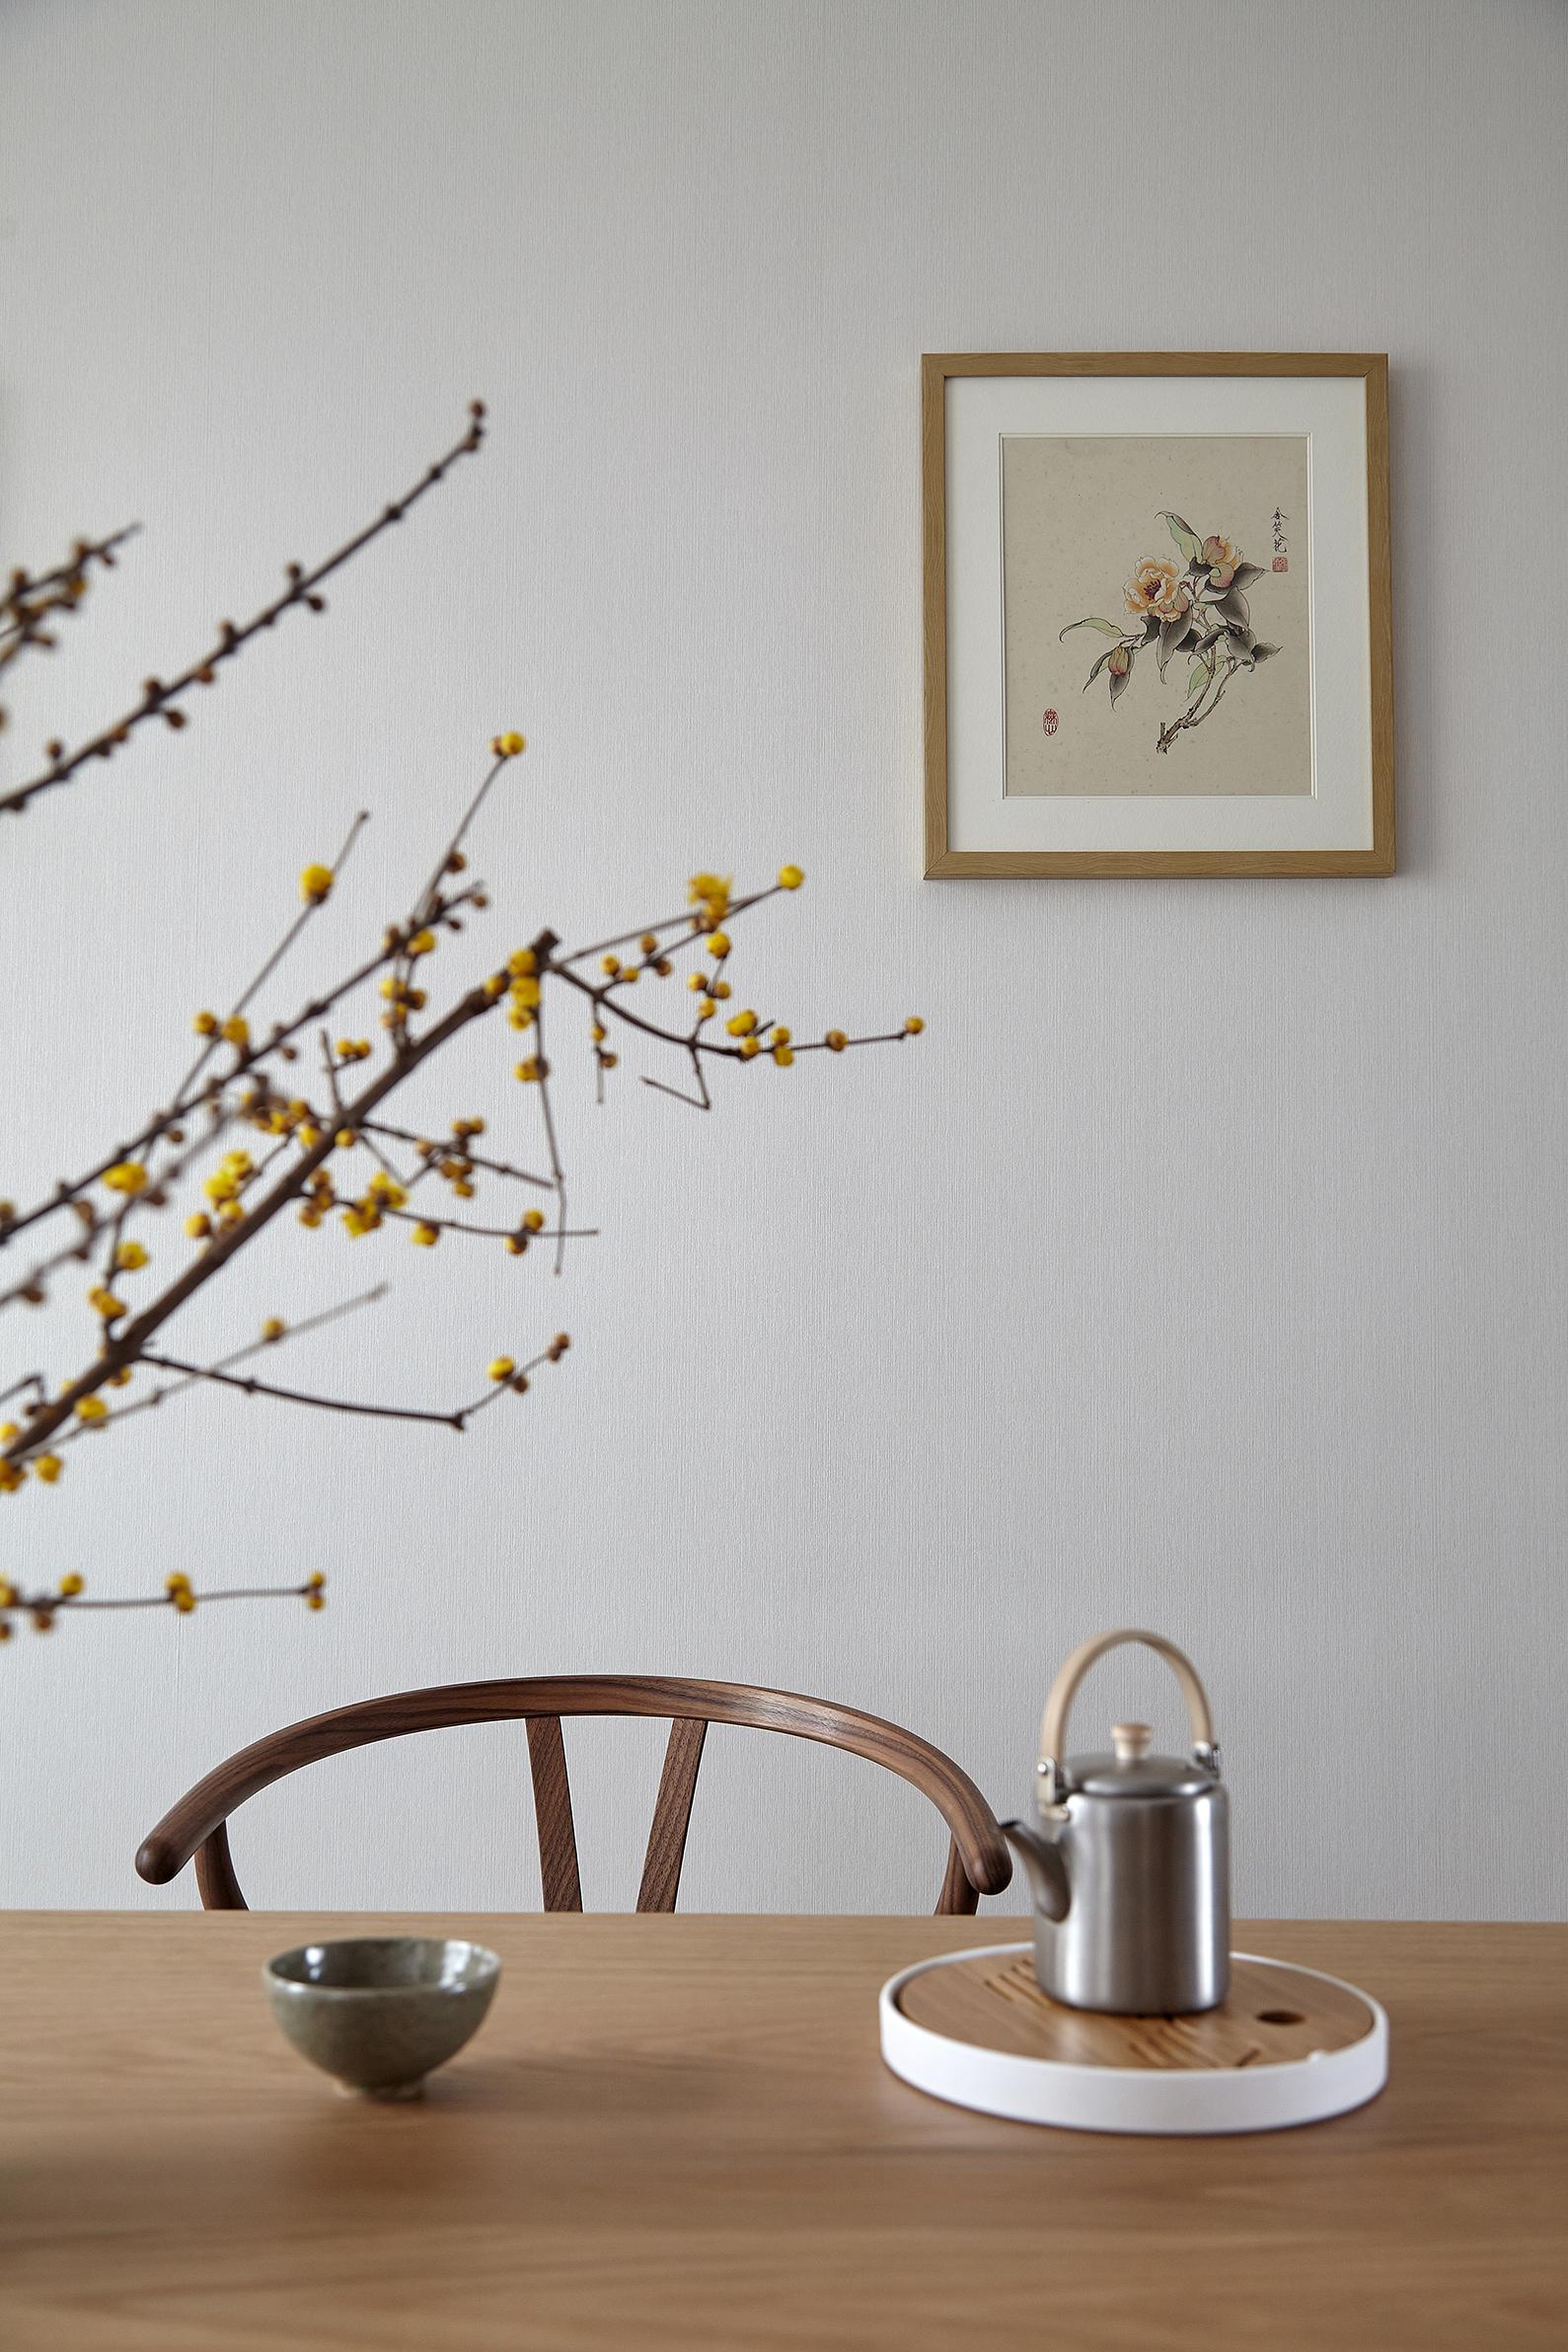 170平素朴简约风装修餐具装饰图片